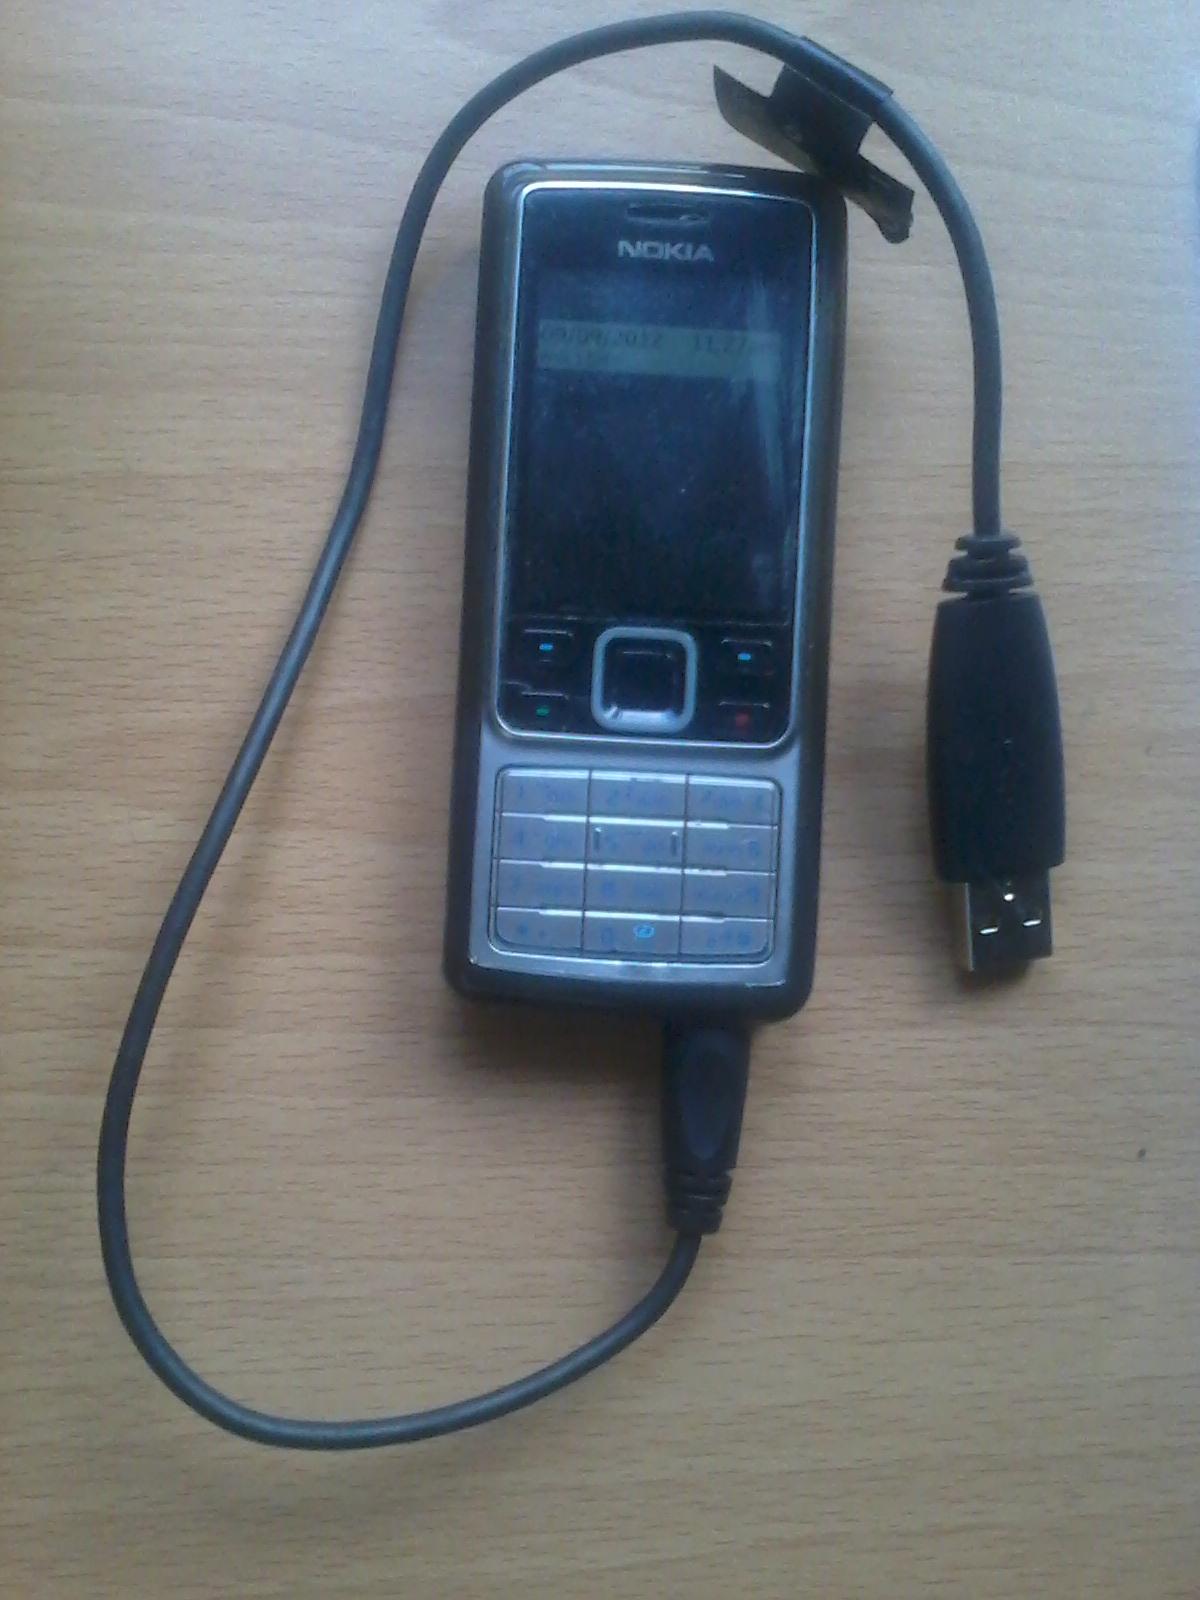 Nokia 6300 software update version